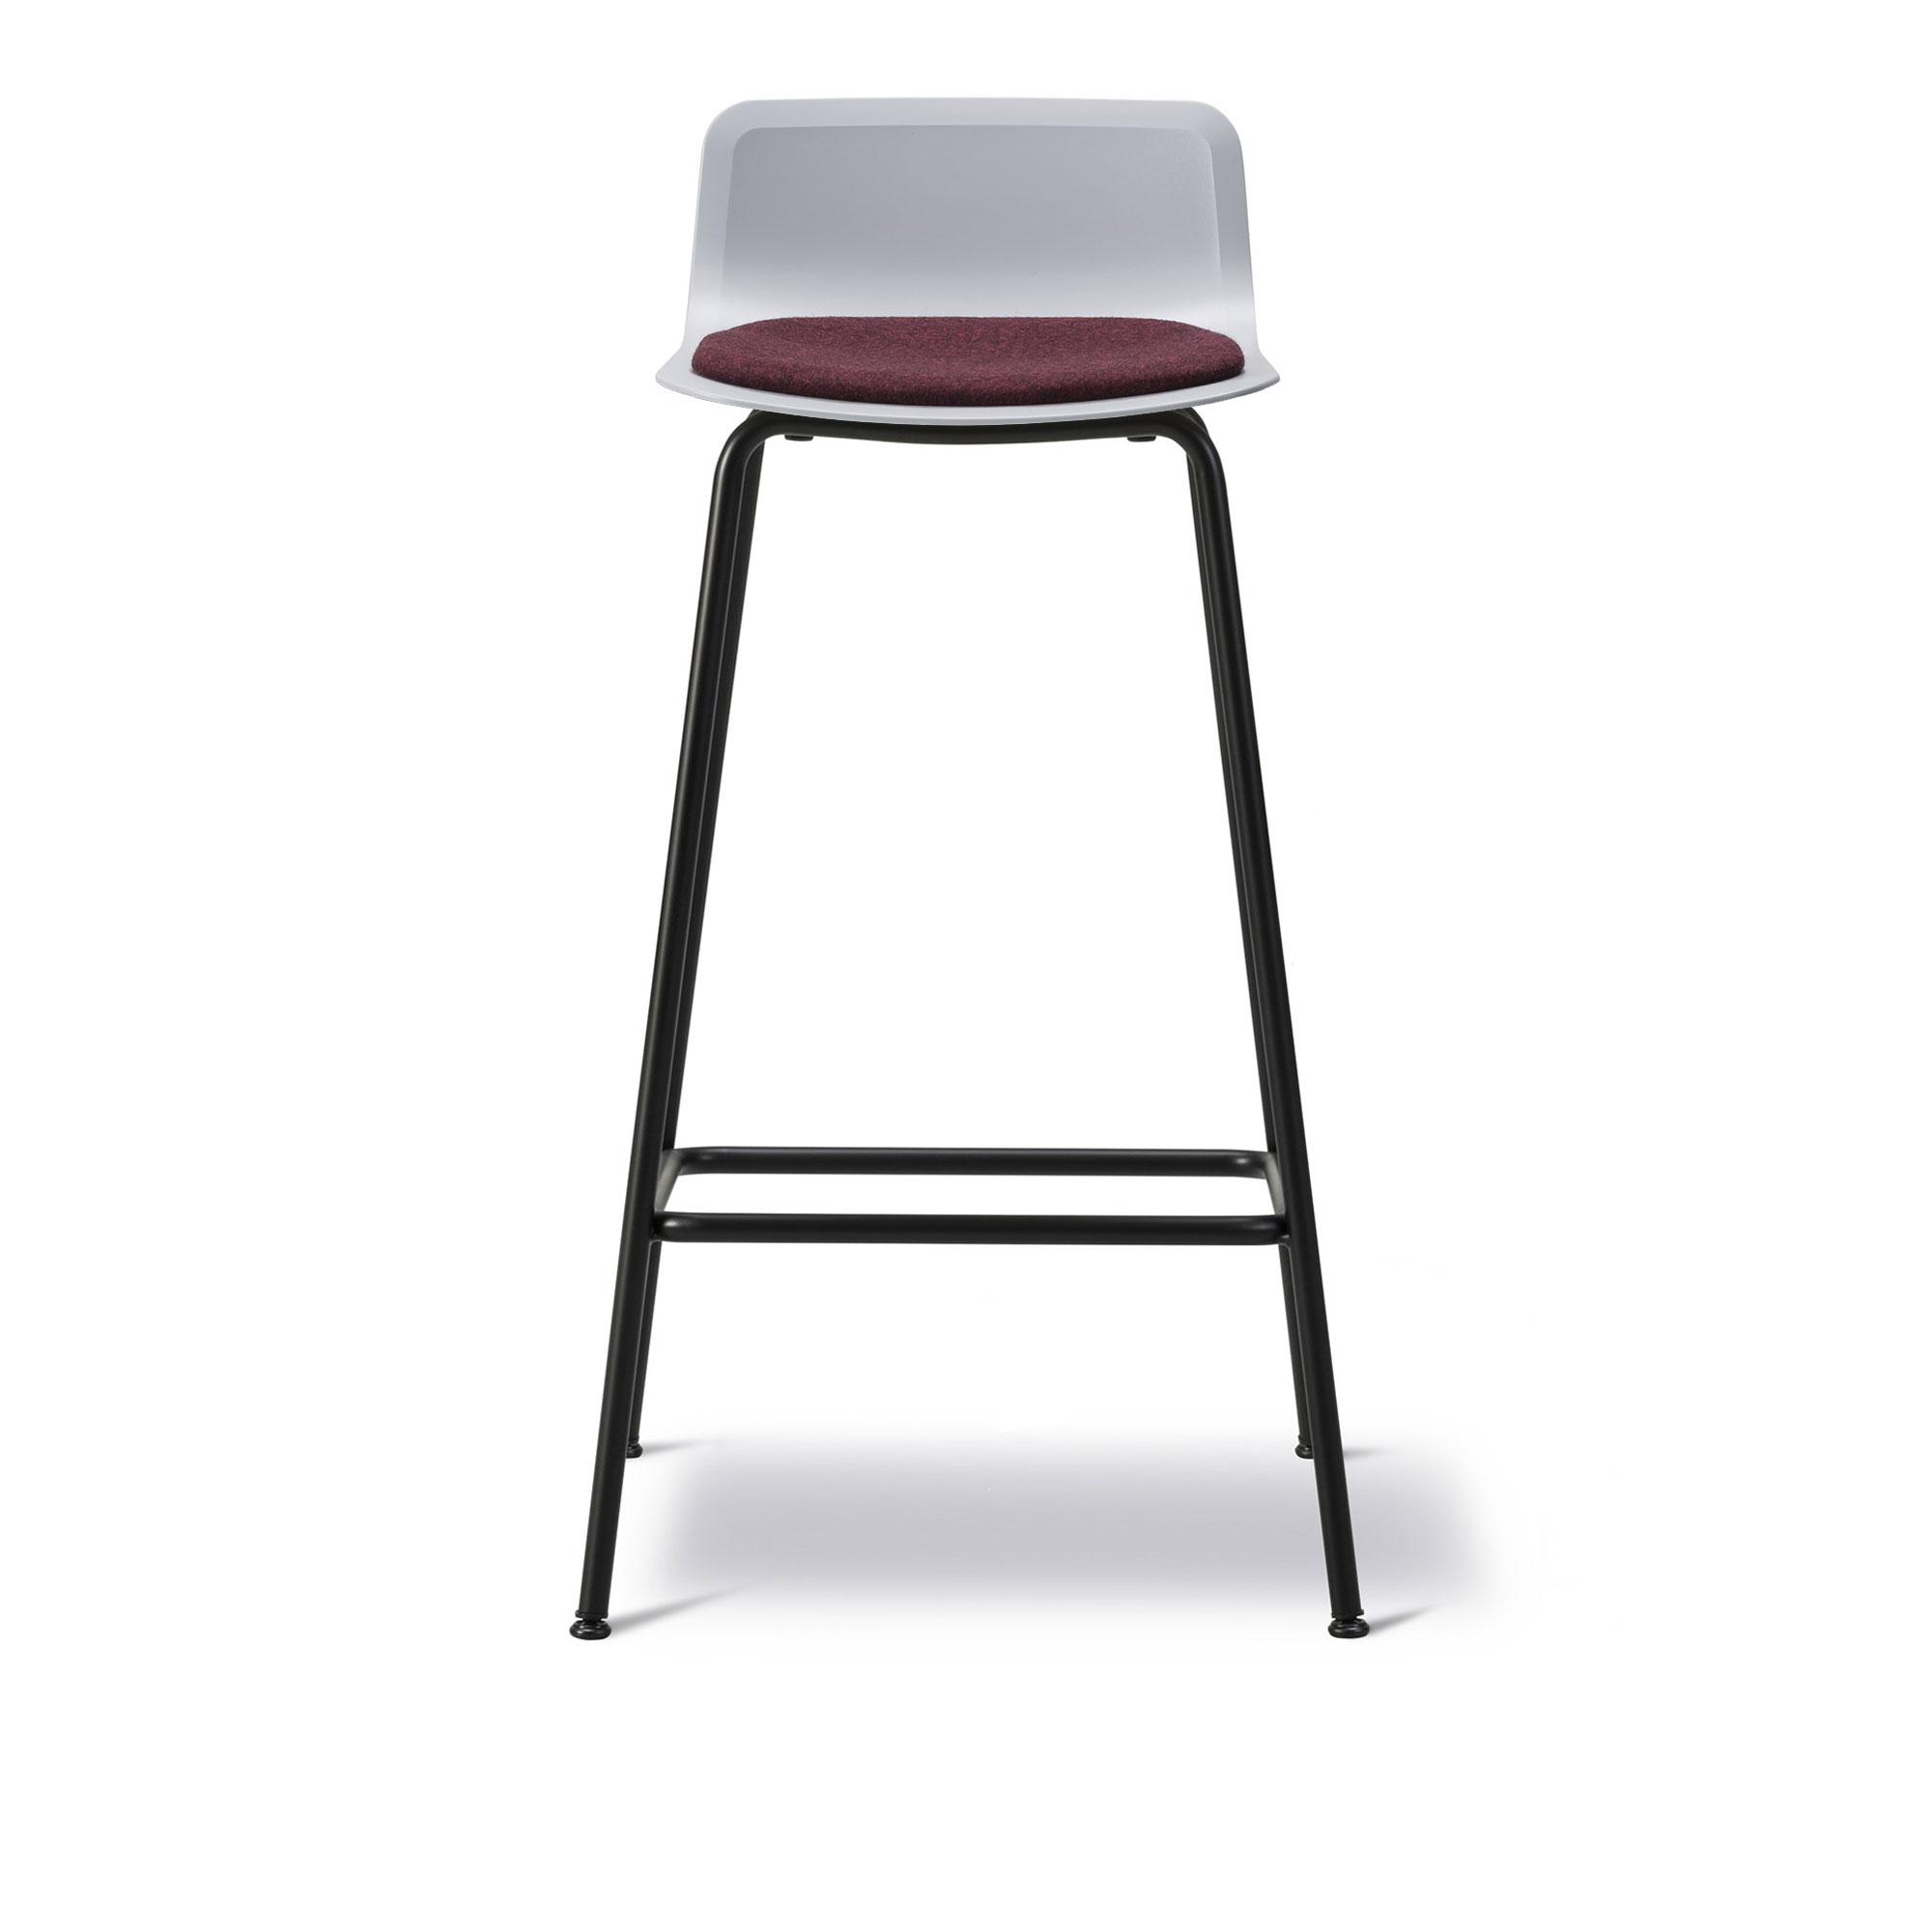 Köp Pato 4 Leg Stool Klädd sits från Fredericia Furniture